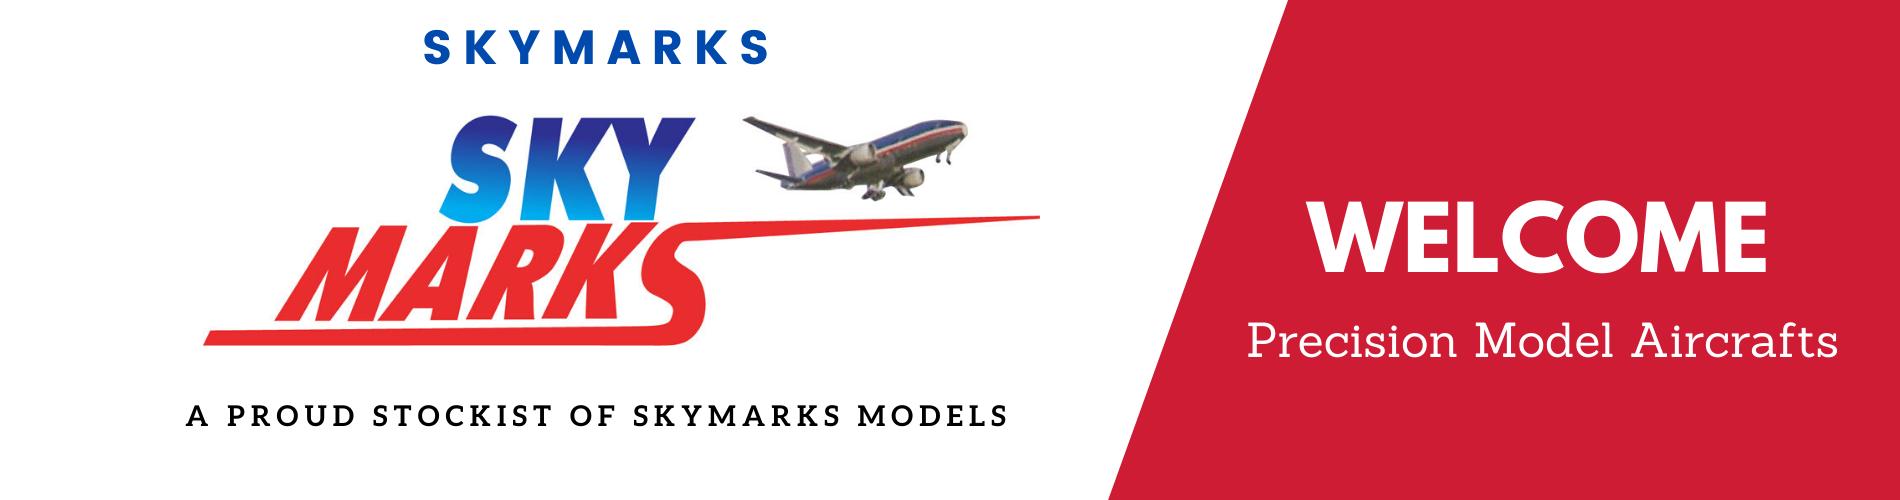 skymarks-banner.png